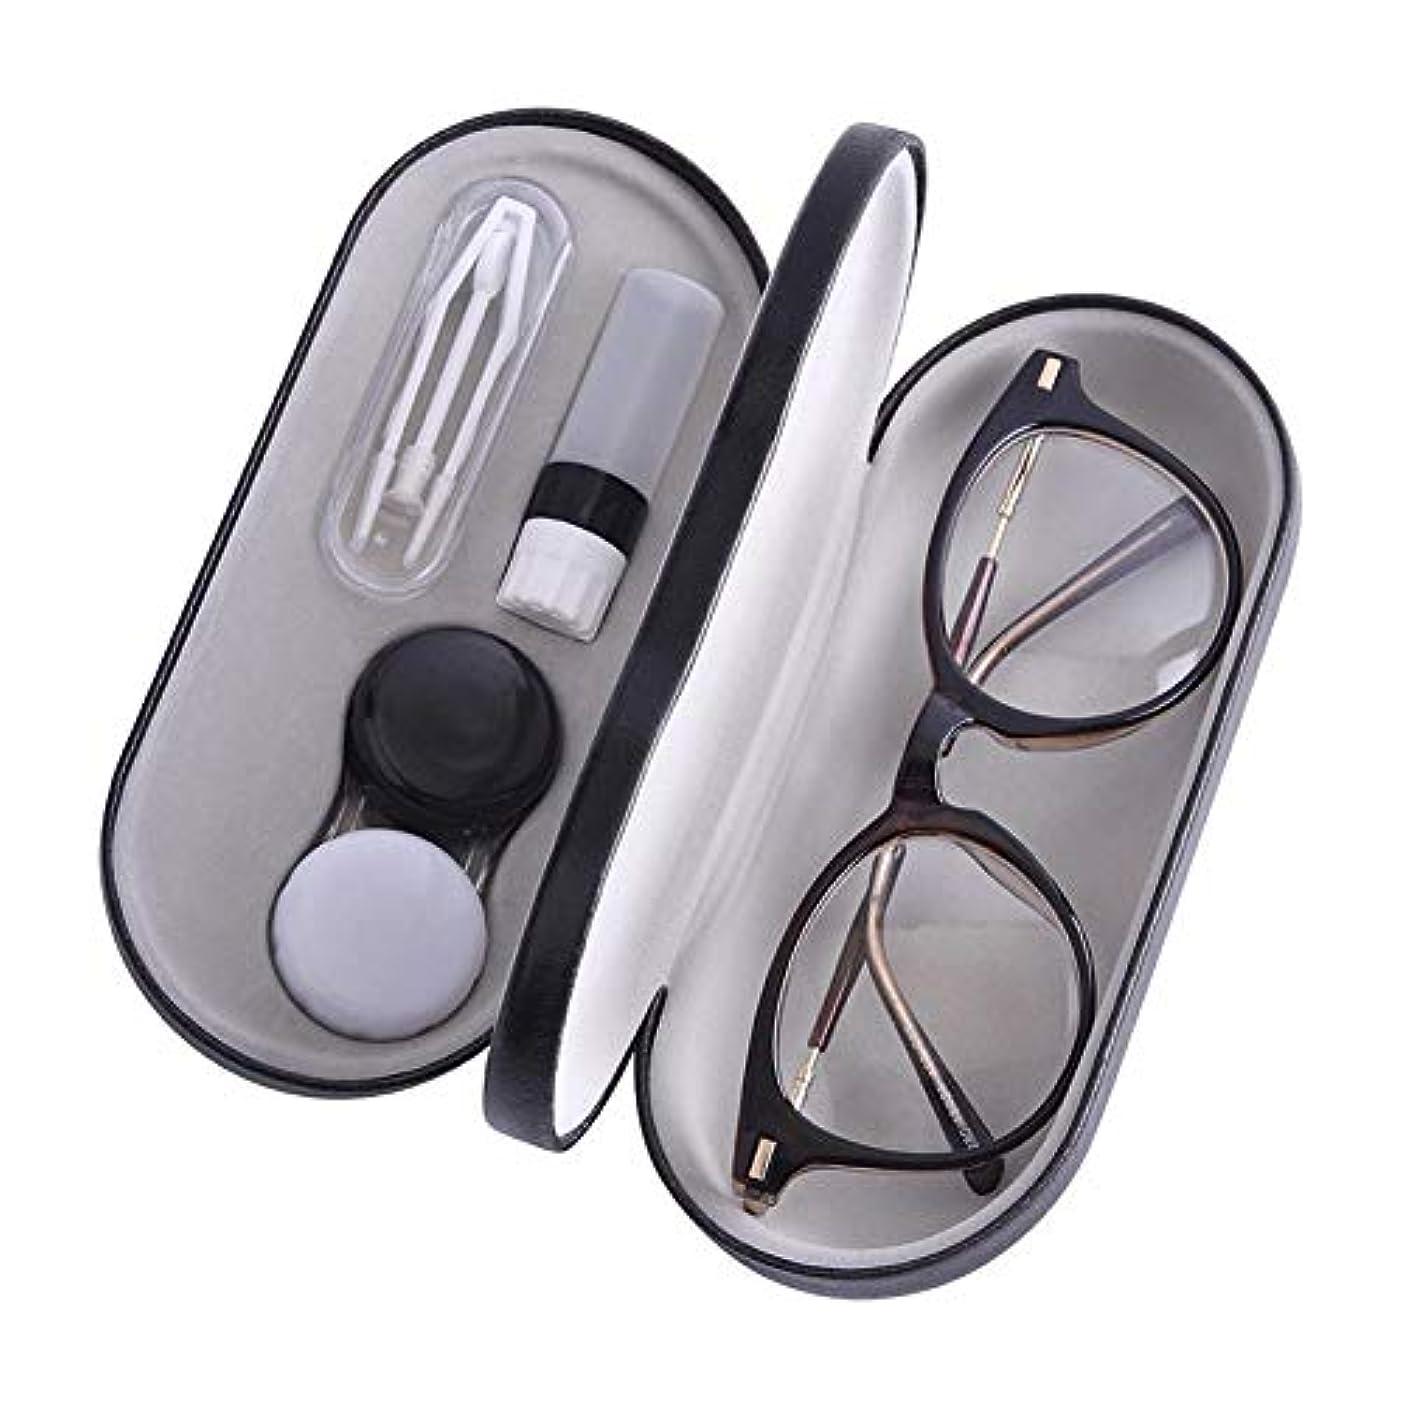 夕暮れ適合するハチコンタクトレンズケーストラベルホームイノベーション両面メガネ収納ボックストラベルセットボックス携帯しやすいミニボックスコンテナコンタクトレンズフレーム